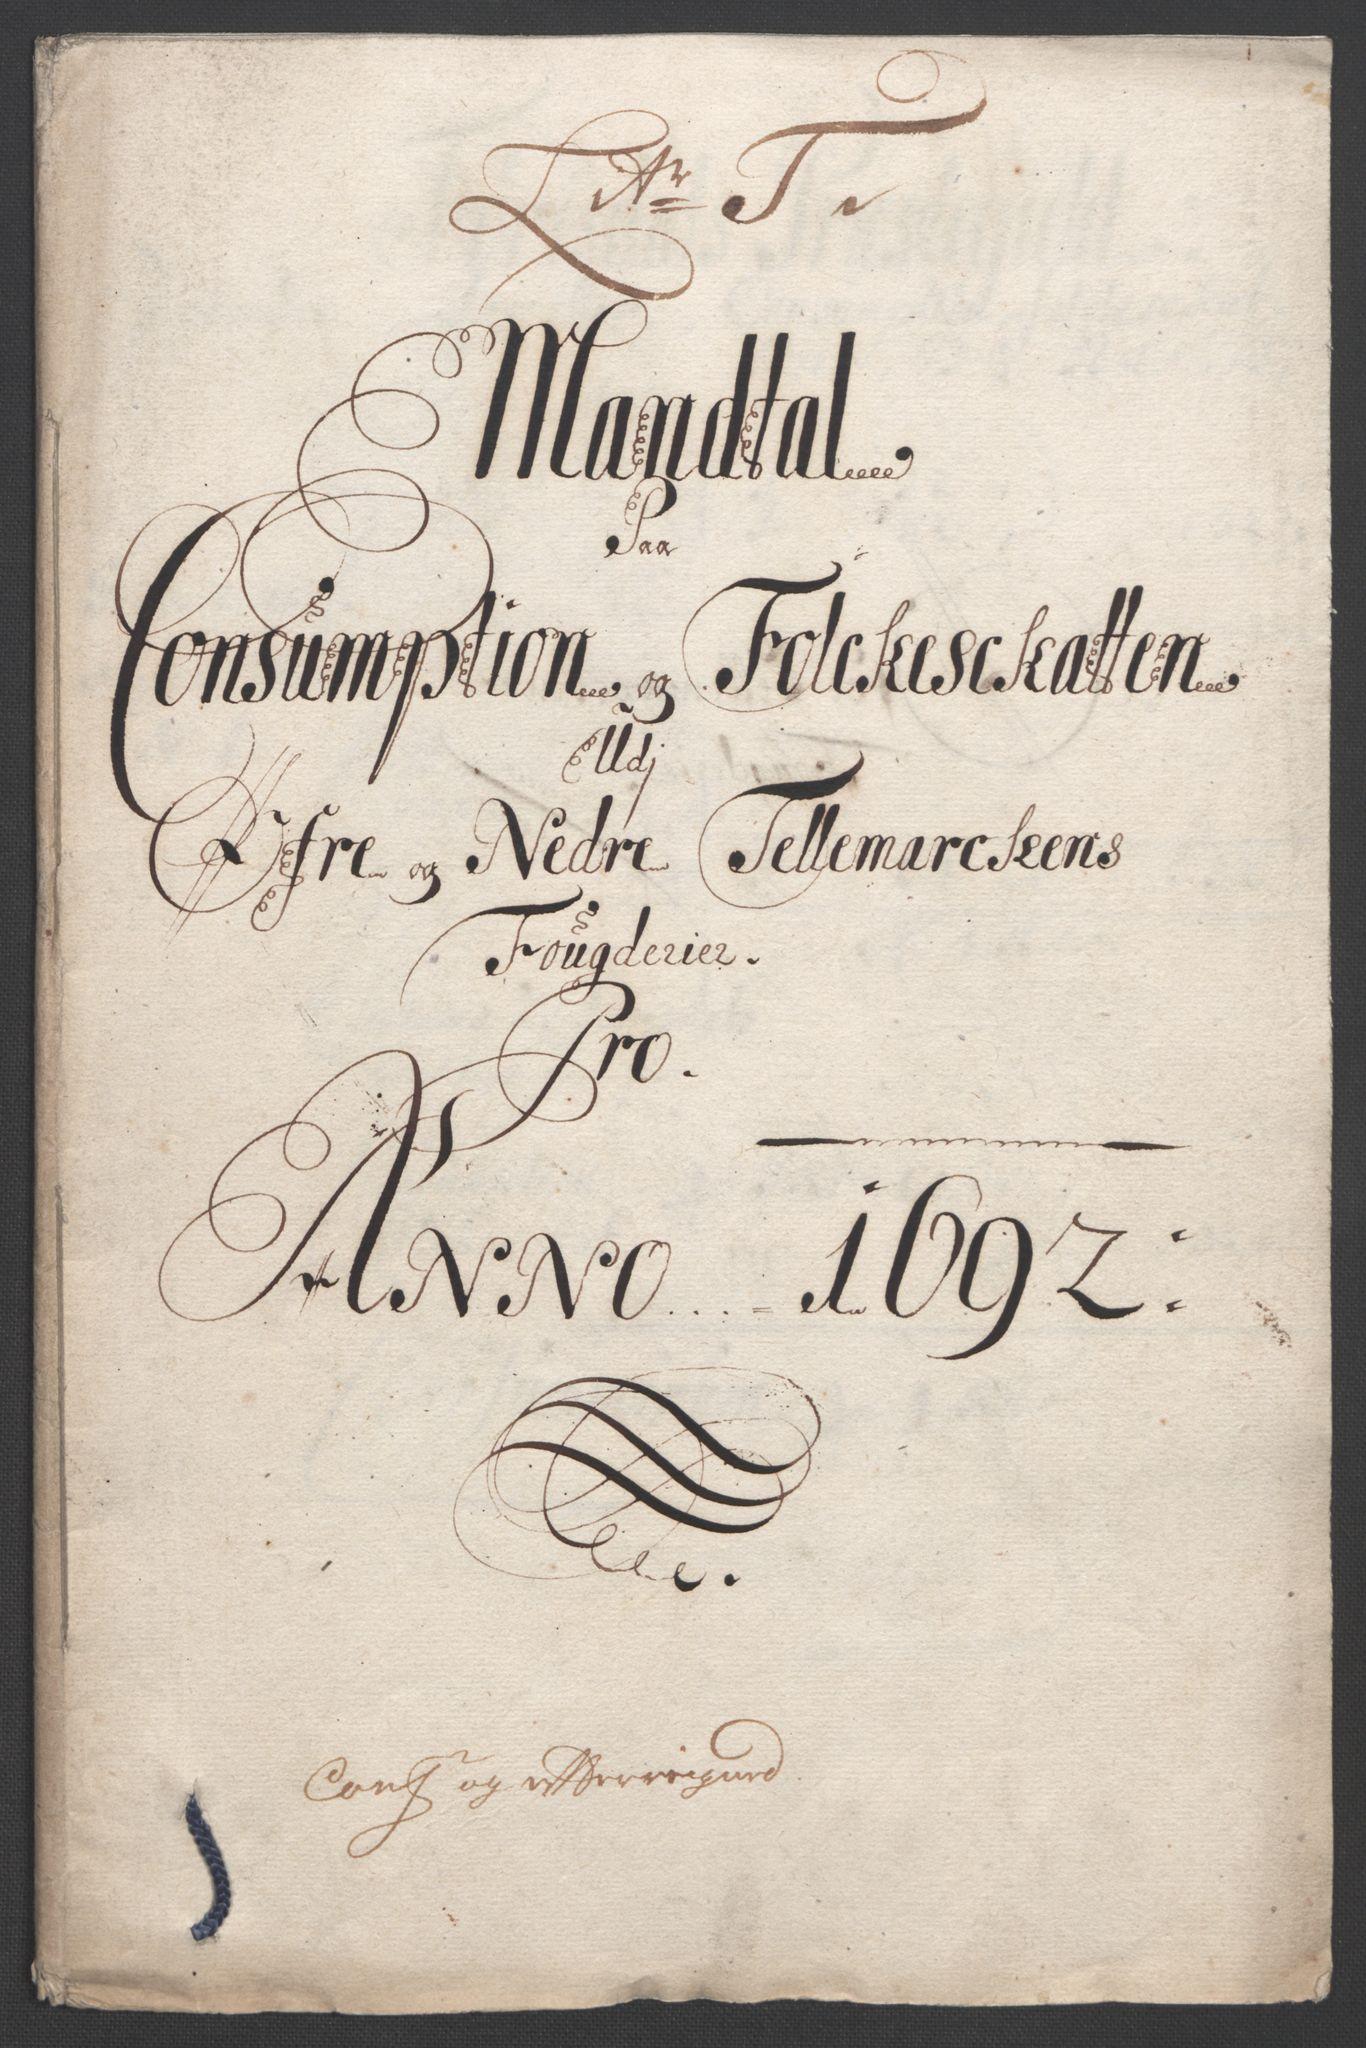 RA, Rentekammeret inntil 1814, Reviderte regnskaper, Fogderegnskap, R35/L2090: Fogderegnskap Øvre og Nedre Telemark, 1692, s. 281